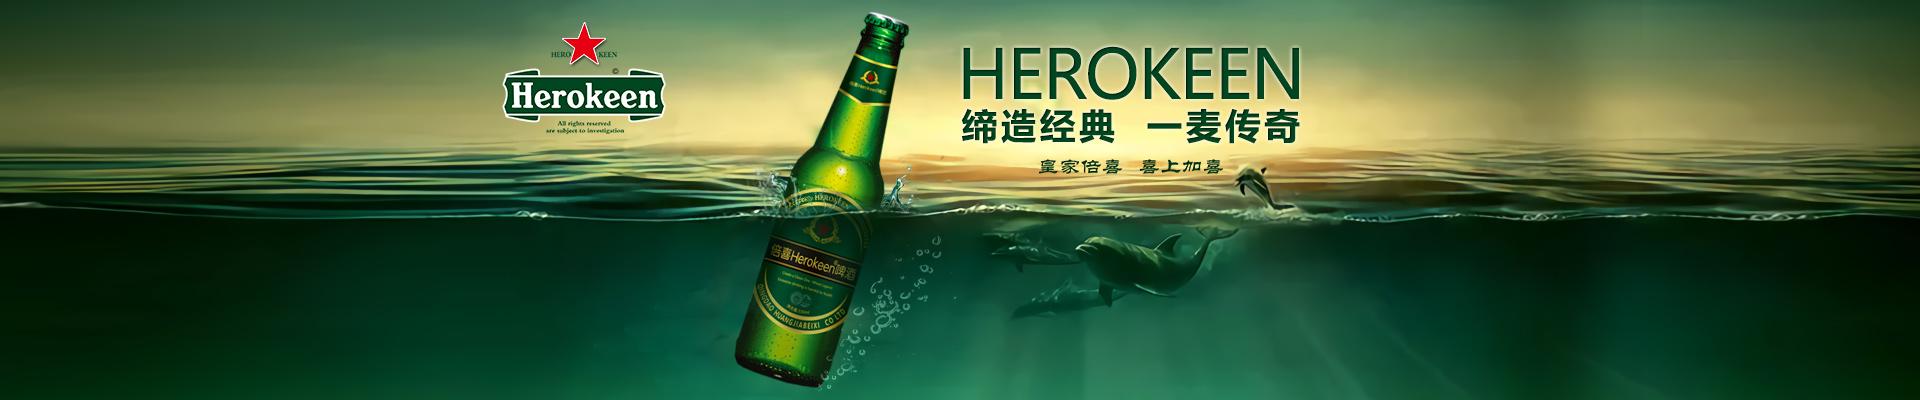 青岛皇家倍喜啤酒有限公司